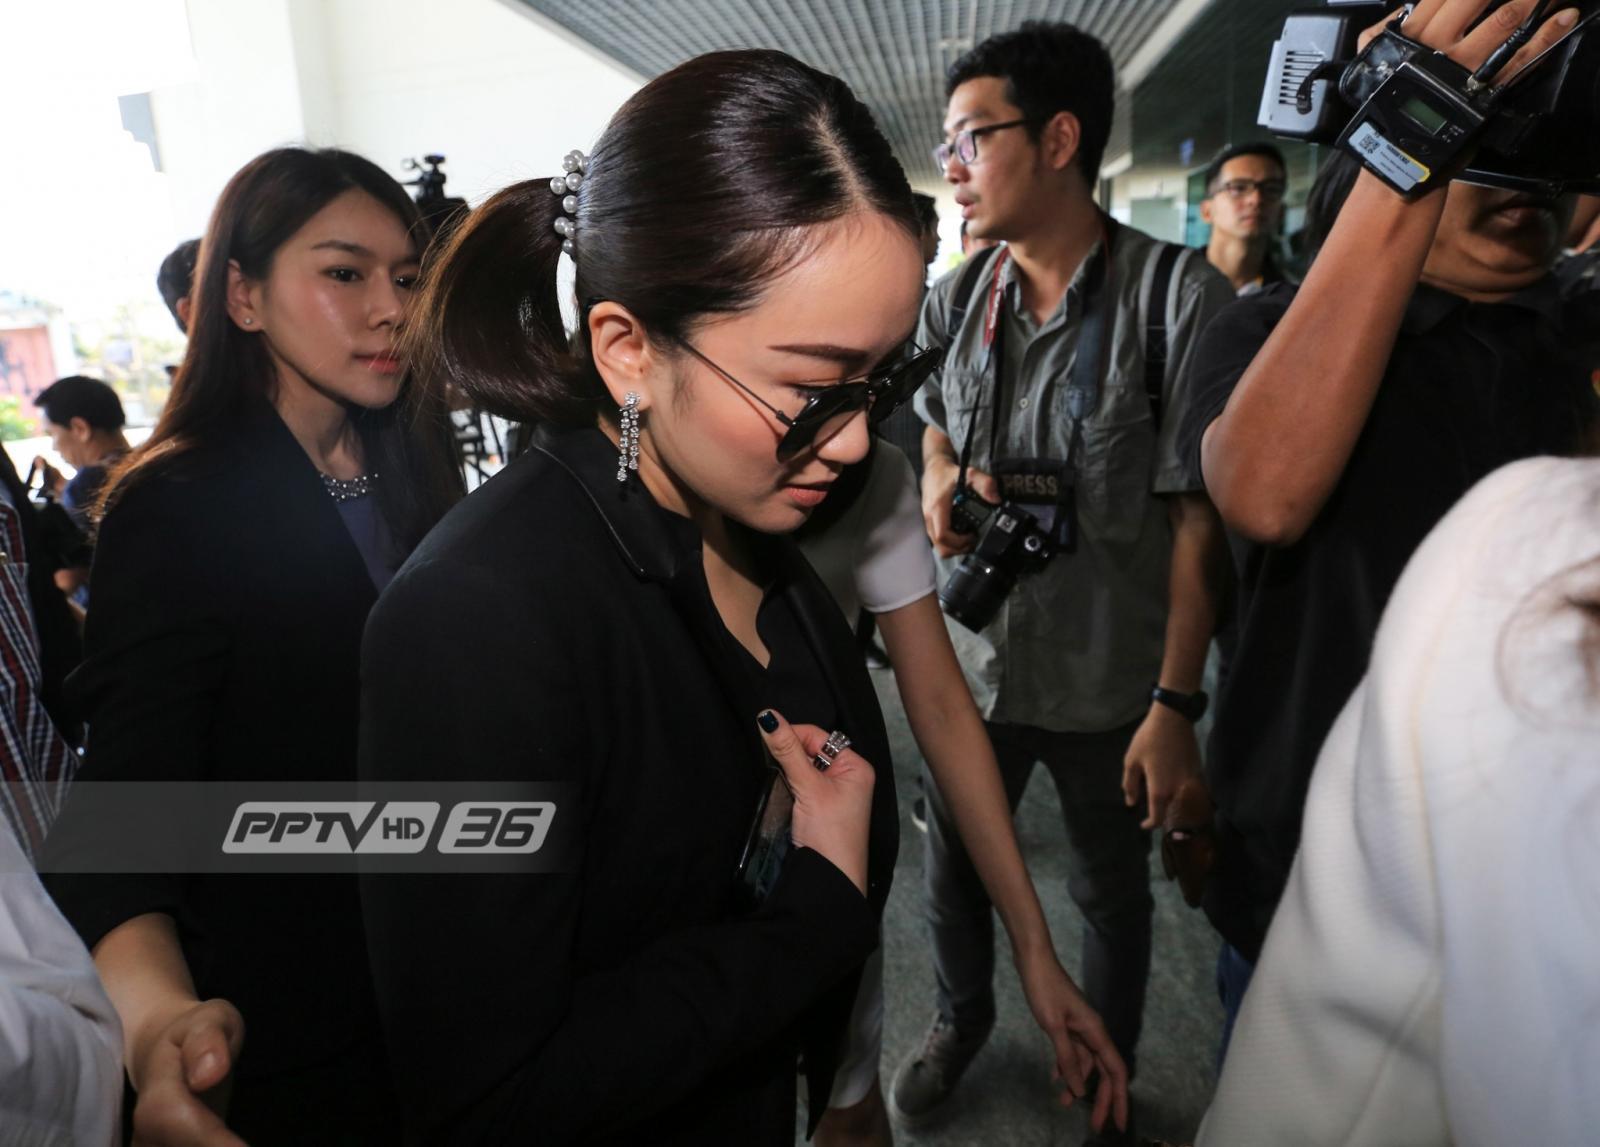 """""""โอ๊ค พานทองแท้"""" มาศาลให้การคดีทุจริตฟอกเงินกรุงไทย"""